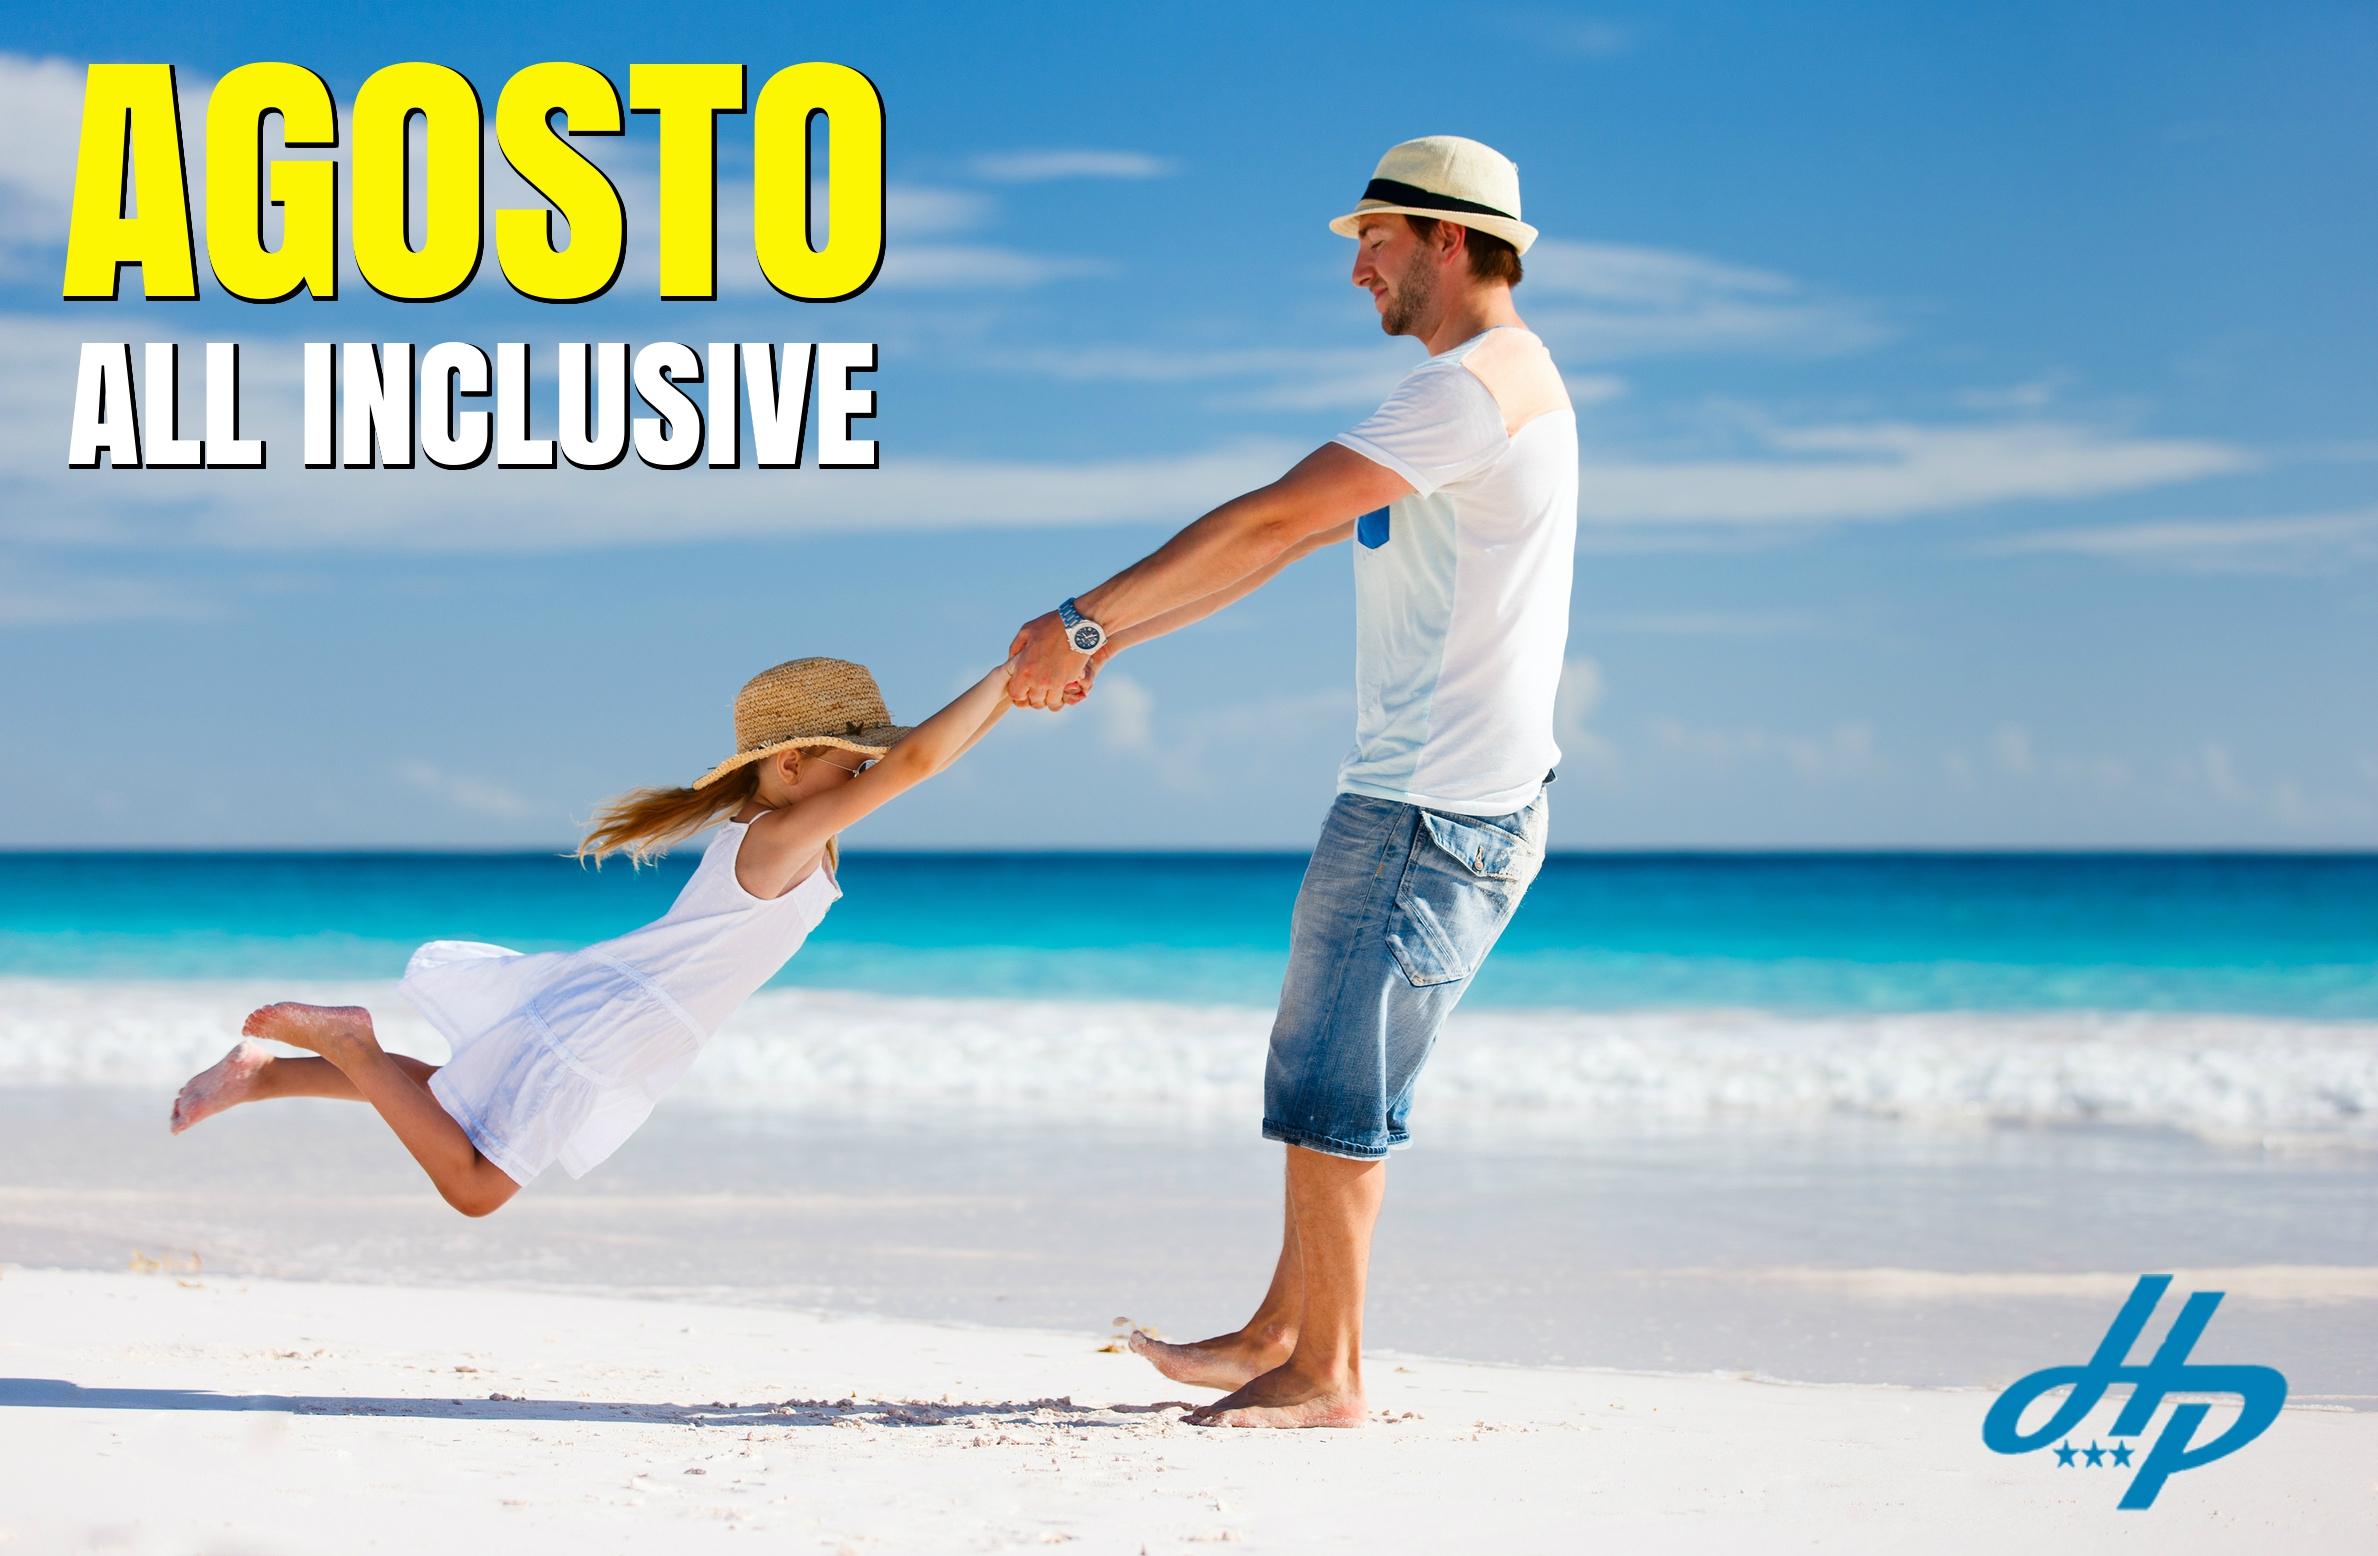 Scopri le offerte speciale su www.hprestige.it